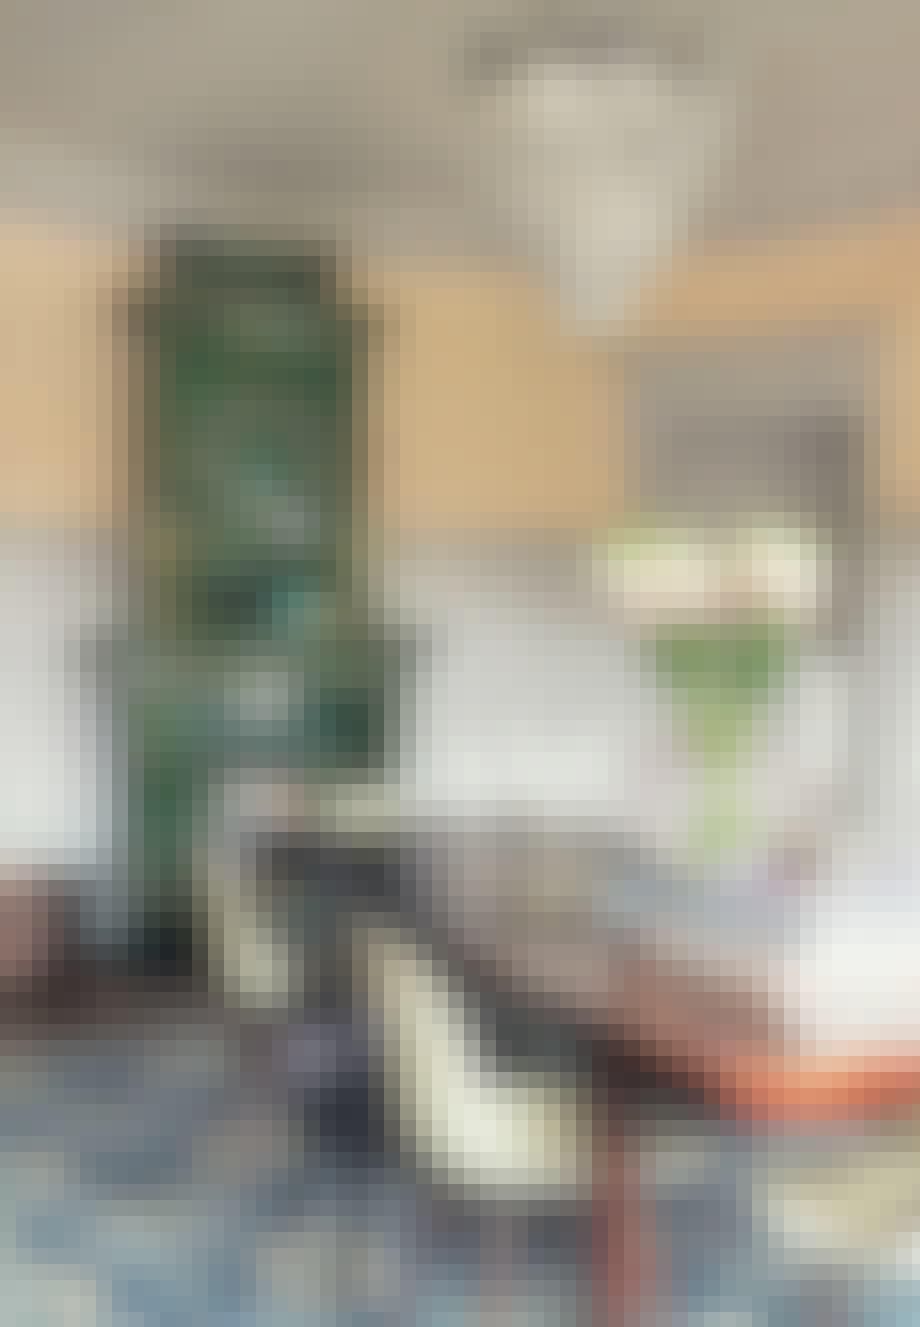 Smuk grøn kakkelovn med krukker og vaser